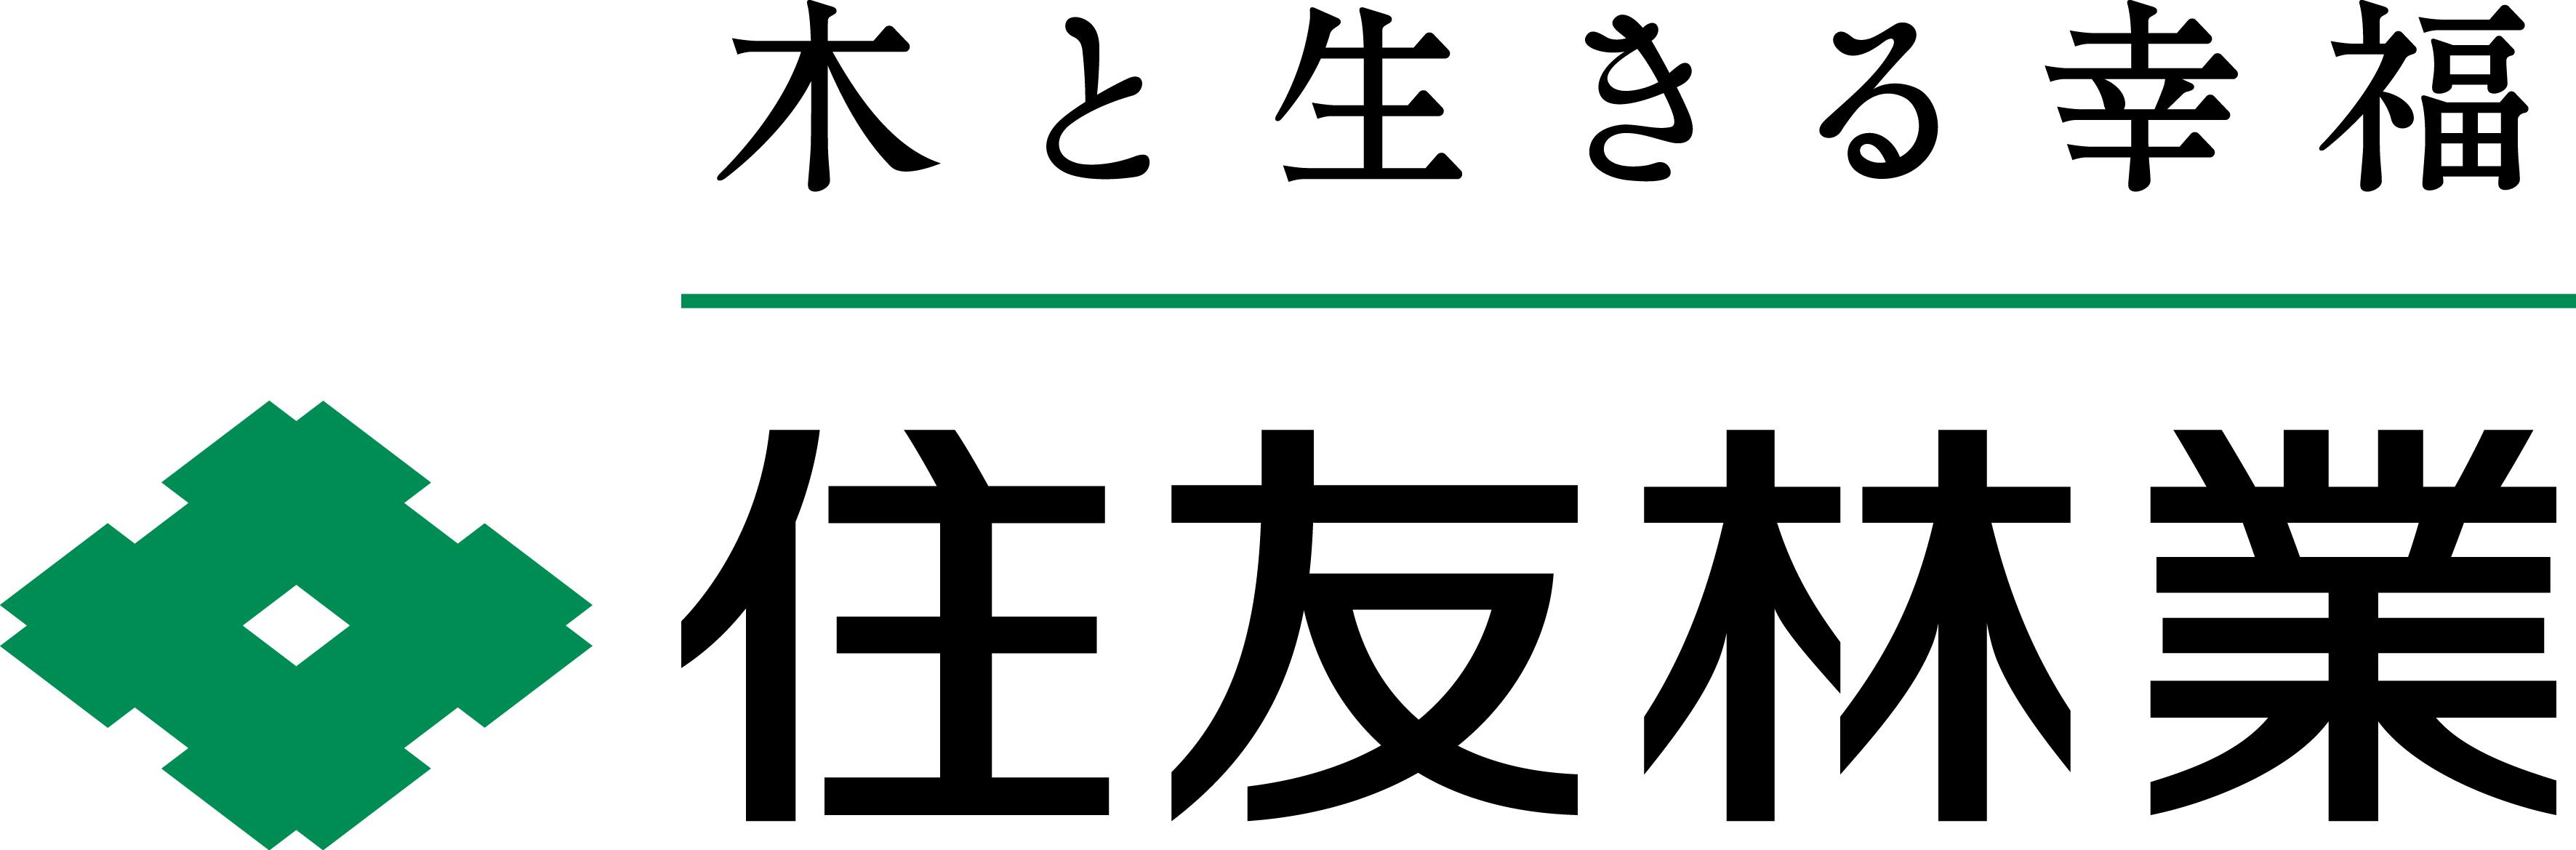 sumitomoringyo_logo